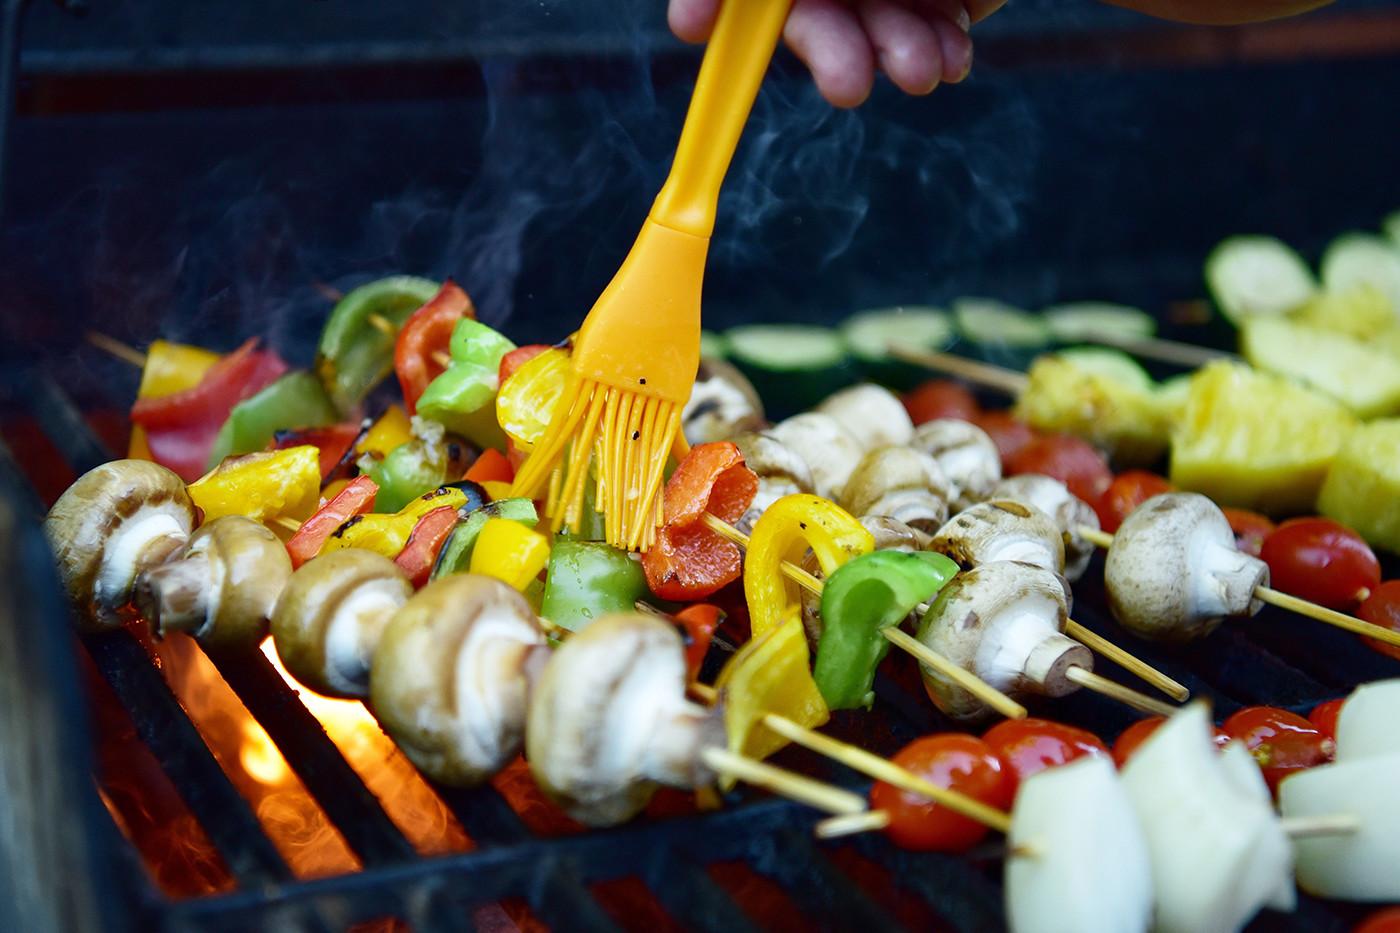 Brushing marinade on kebabs